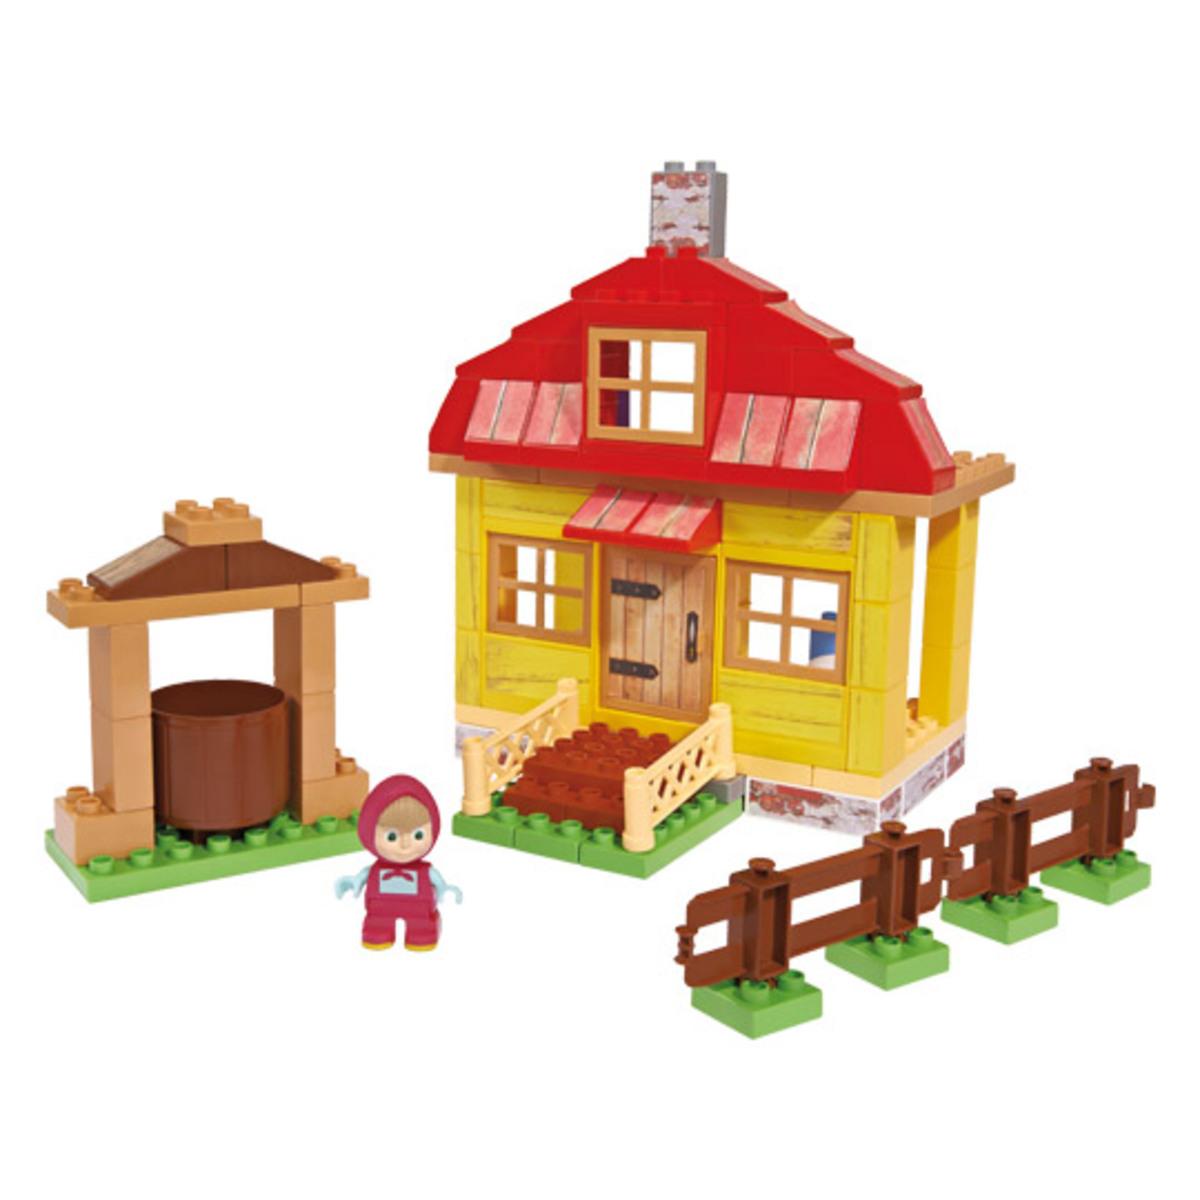 Bild 1 von BIG 800057096, Bausatz, Mehrfarben, 1,5 Jahr(e), 95 Stück(e), Cartoon, Junge/Mädchen